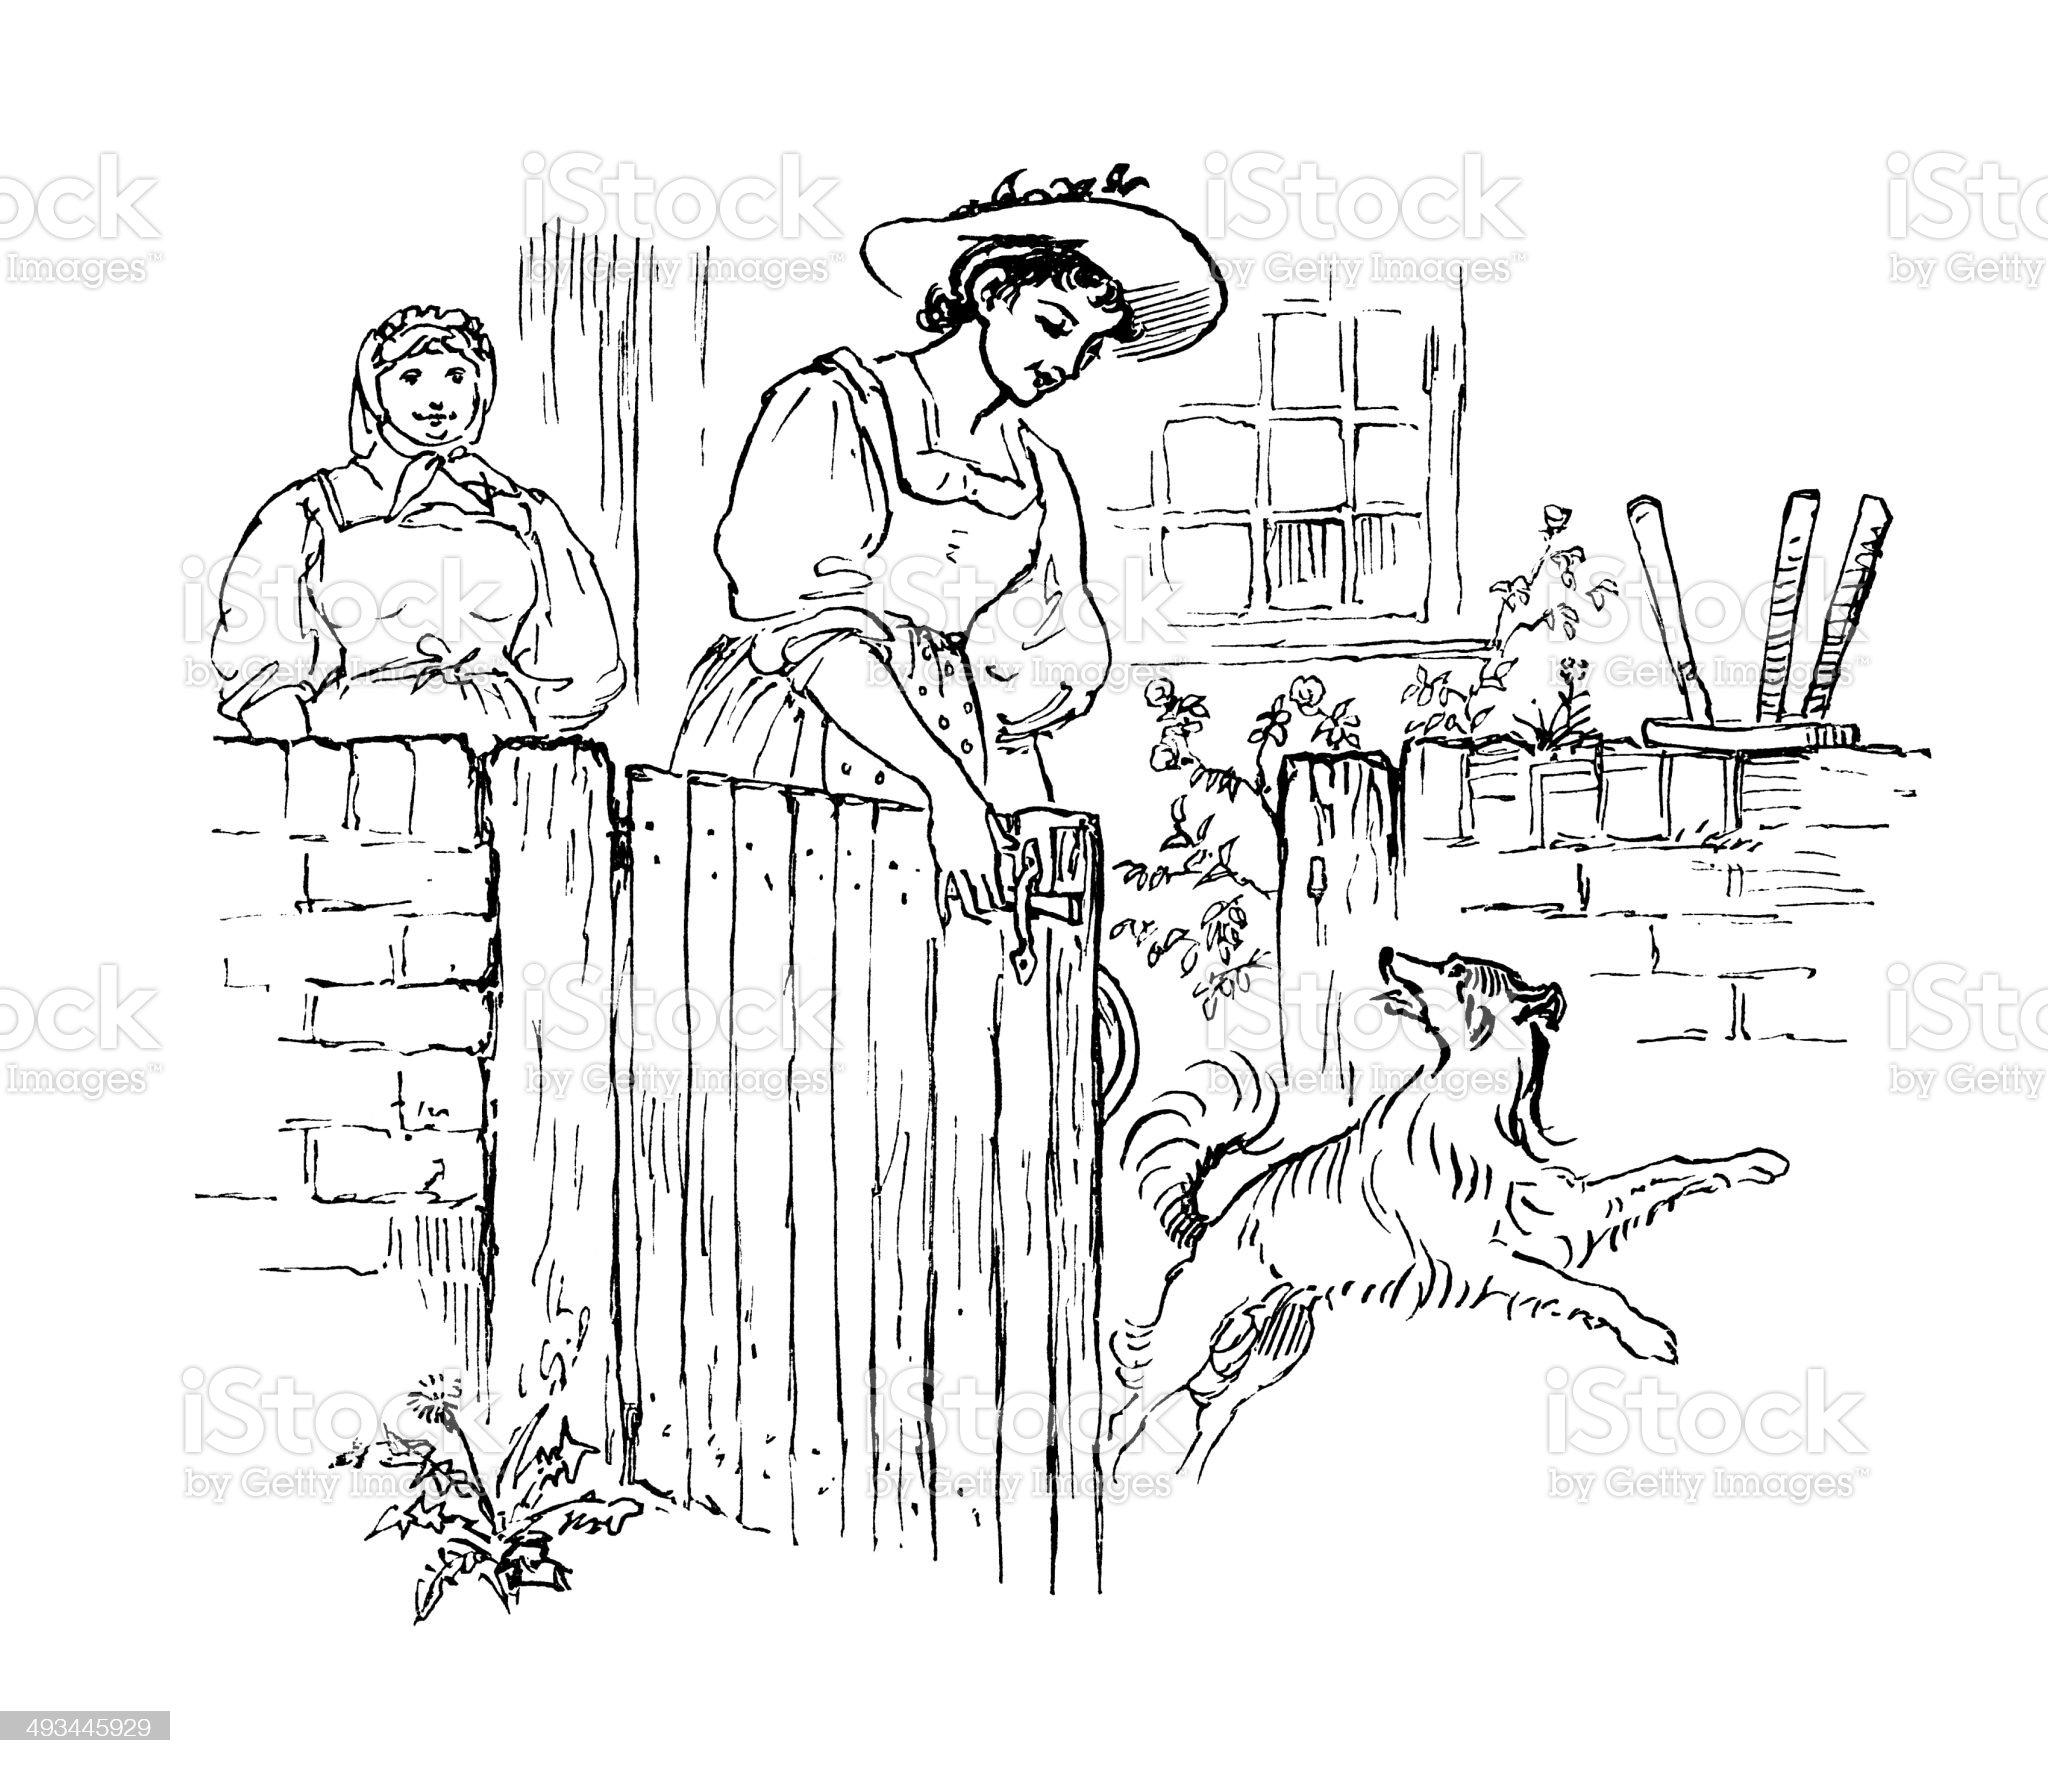 Woman letting a dog through a garden gate royalty-free stock vector art